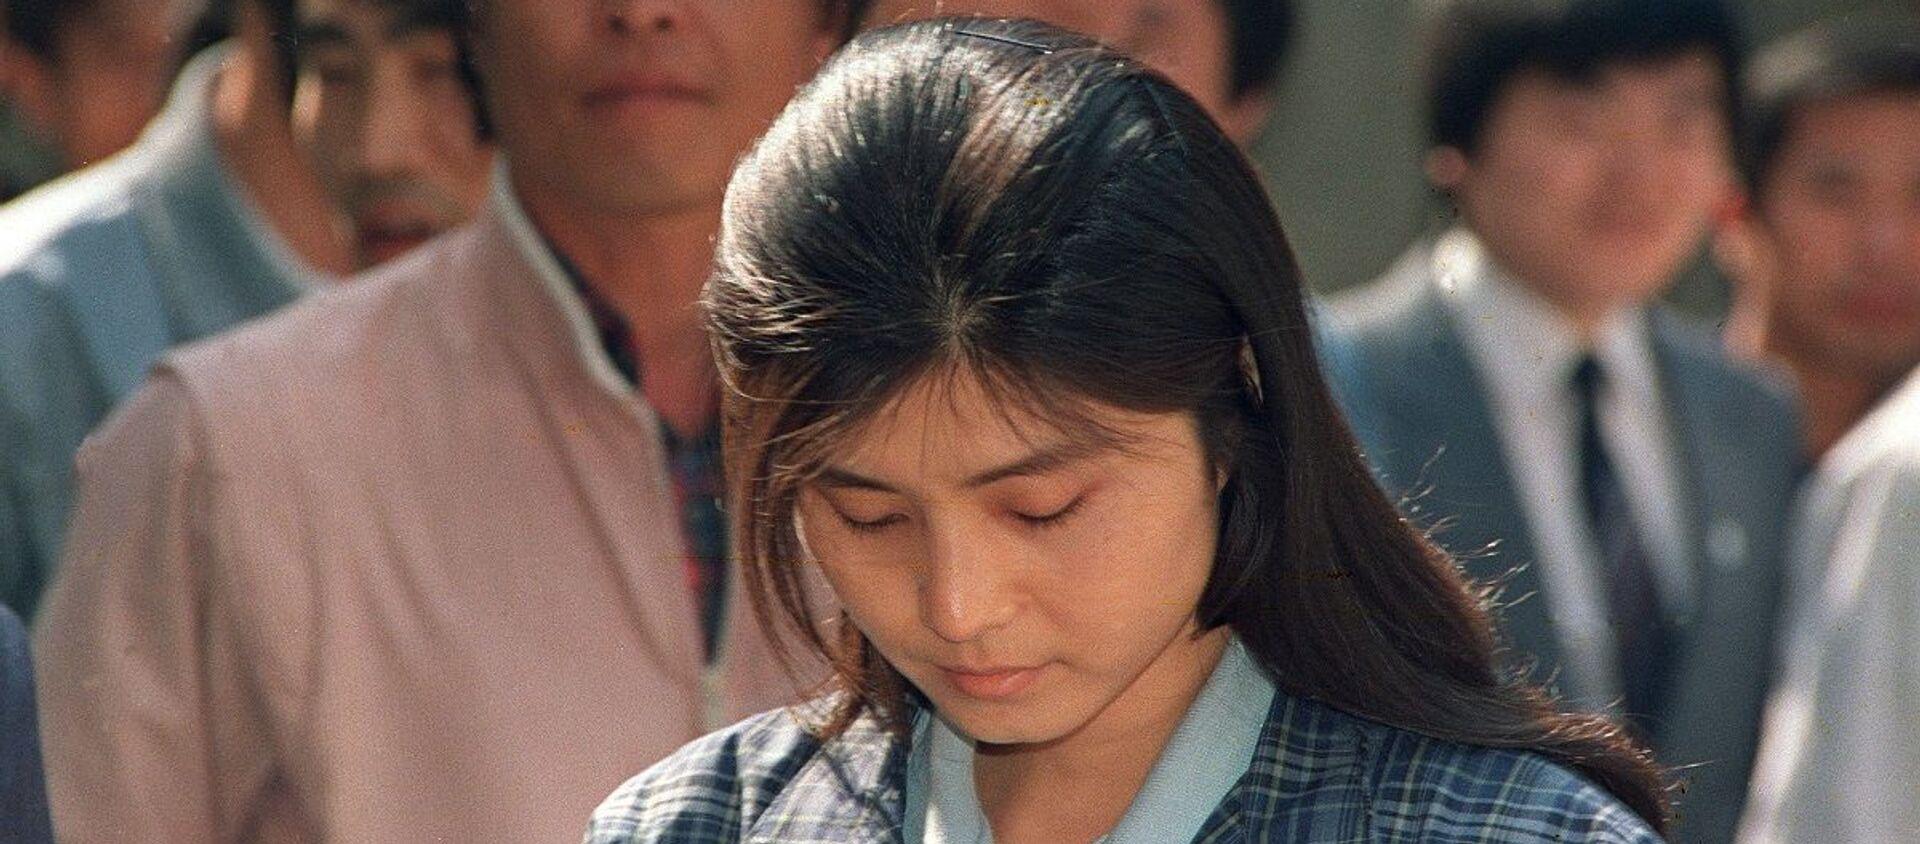 Kim Hyon-hui, una  joven espía norcoreana, perdonada tras el extraño accidente de un avión de pasajeros surcoreano  - Sputnik Mundo, 1920, 14.01.2021